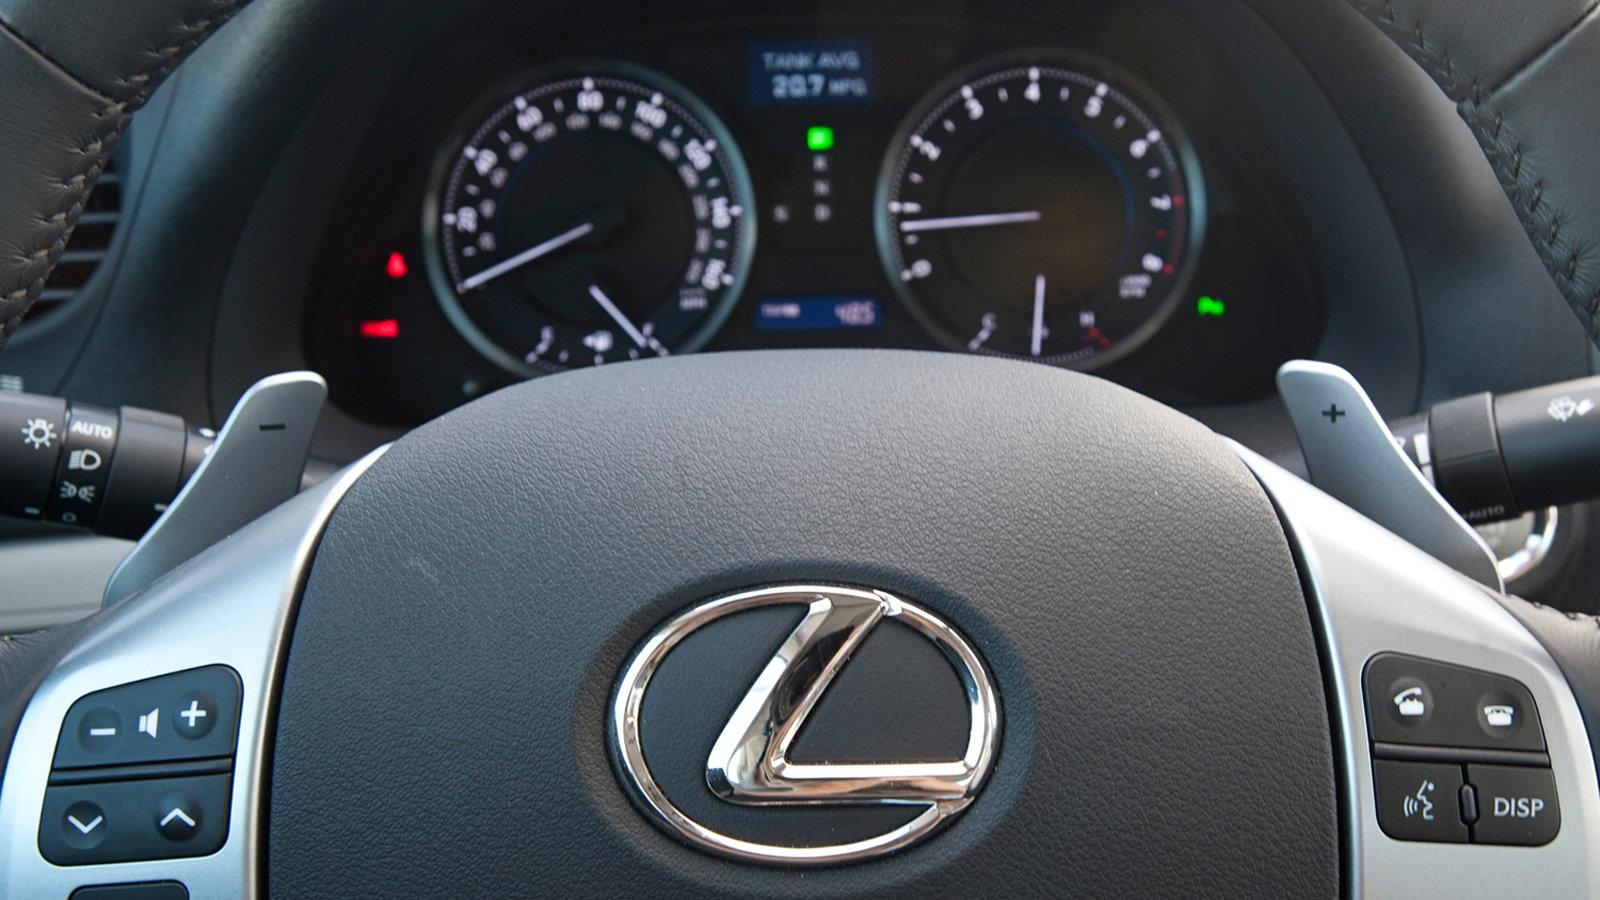 Diy Understanding Your Lexus Warning Lights Clublexus